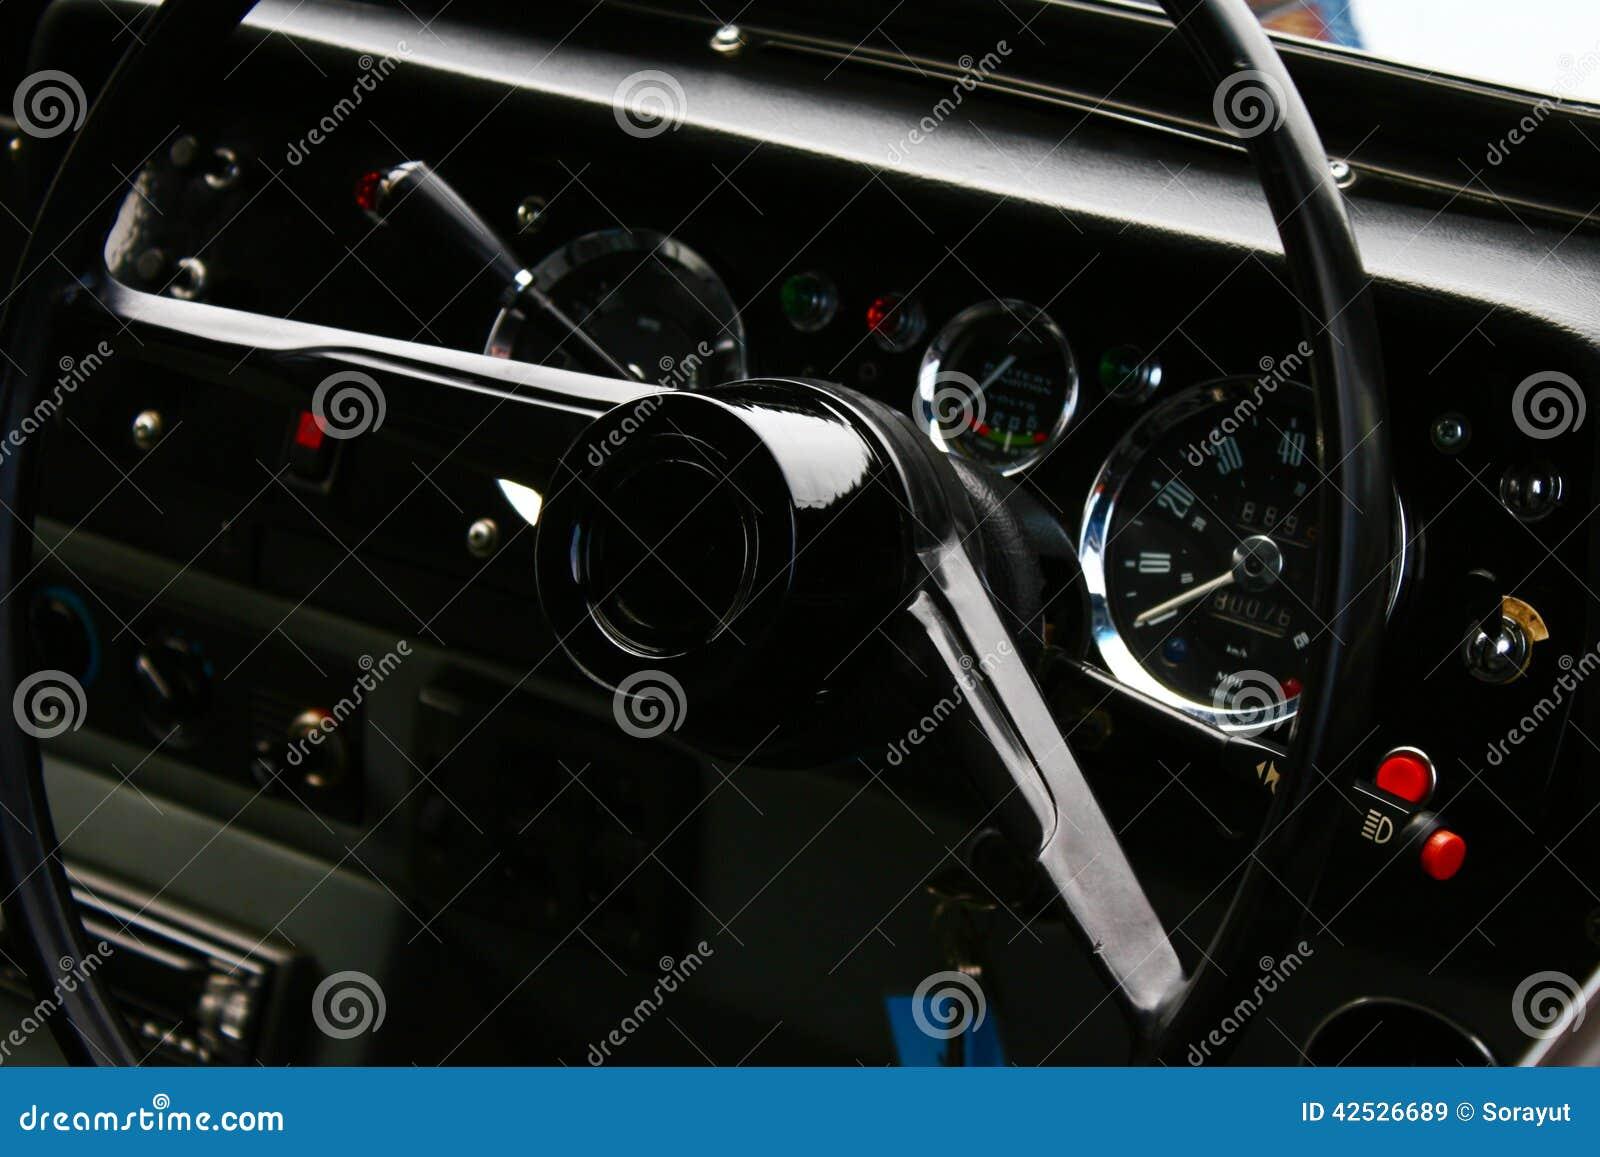 Old Vintage Car Stock Image Image Of Interior Bygone 42526689